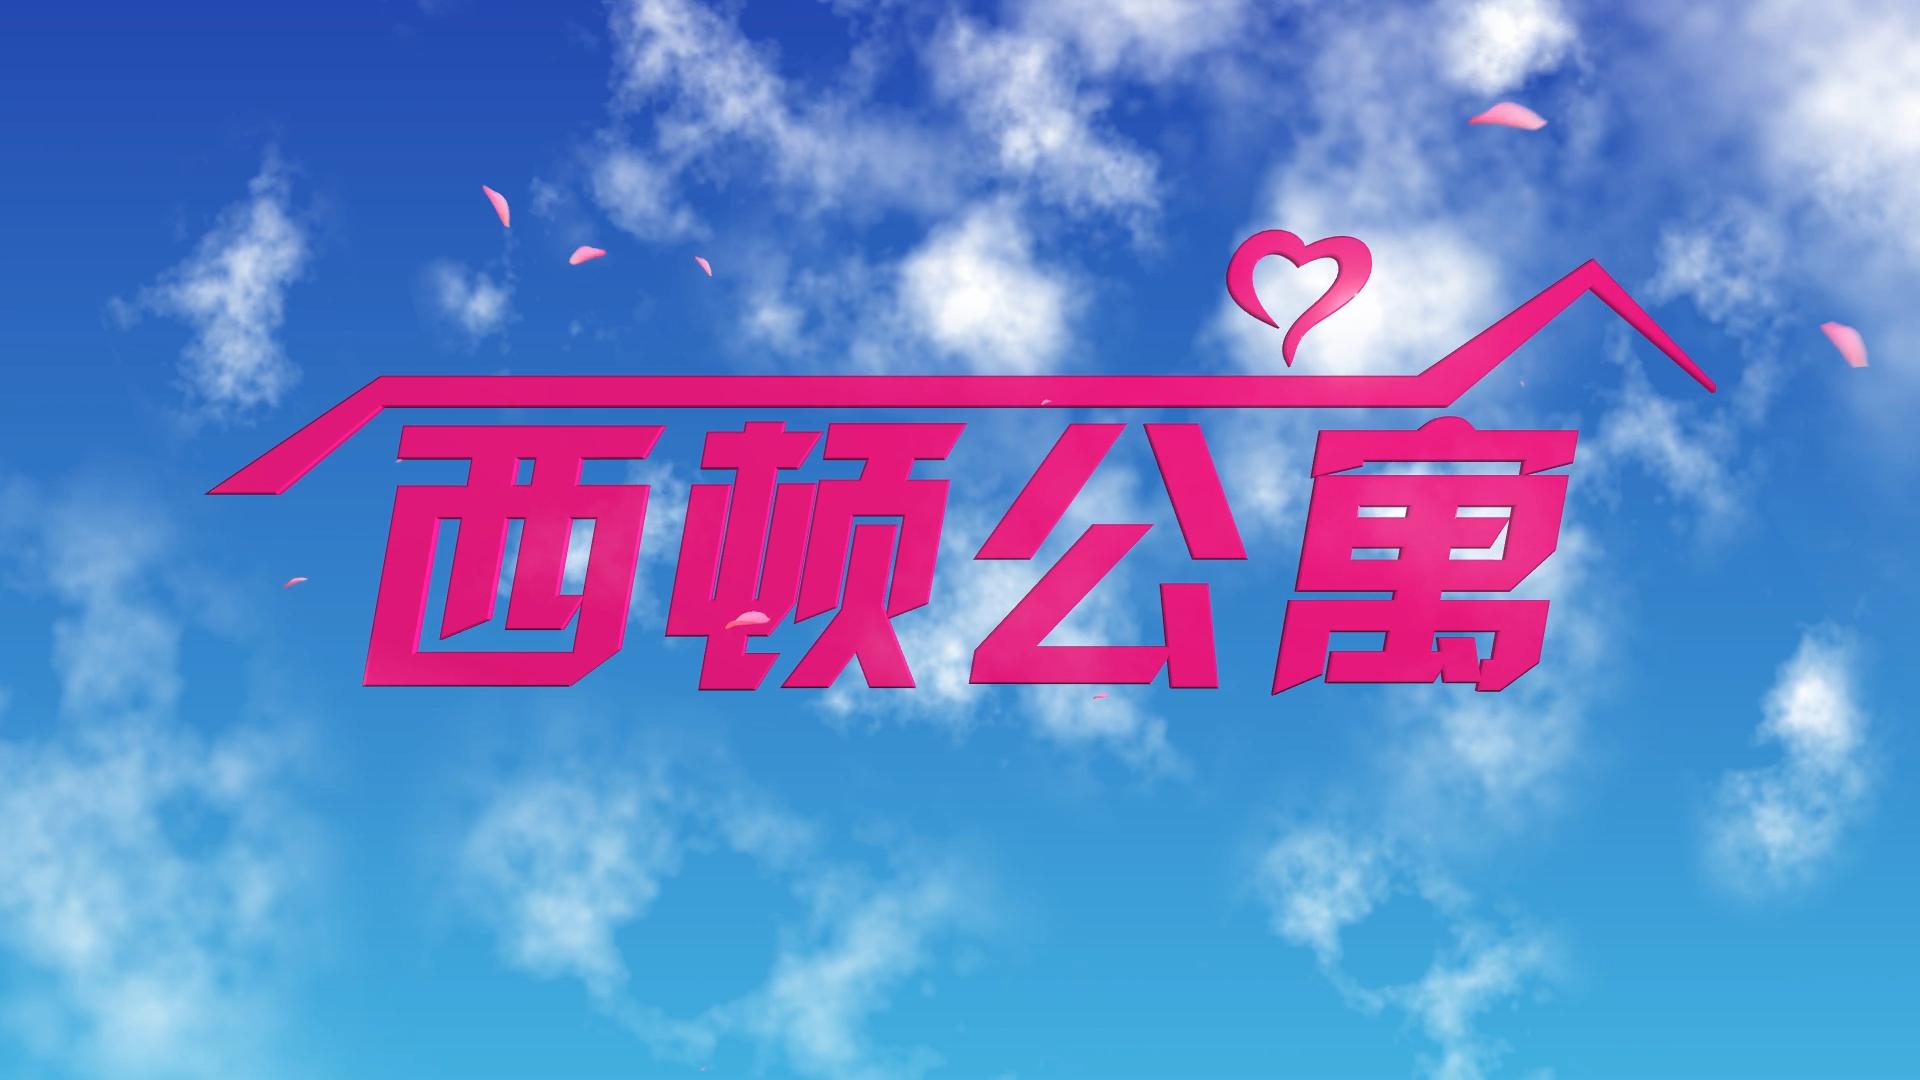 【新·爱情公寓5片头】西 顿 学 园 特供版 【西 顿 公 寓】